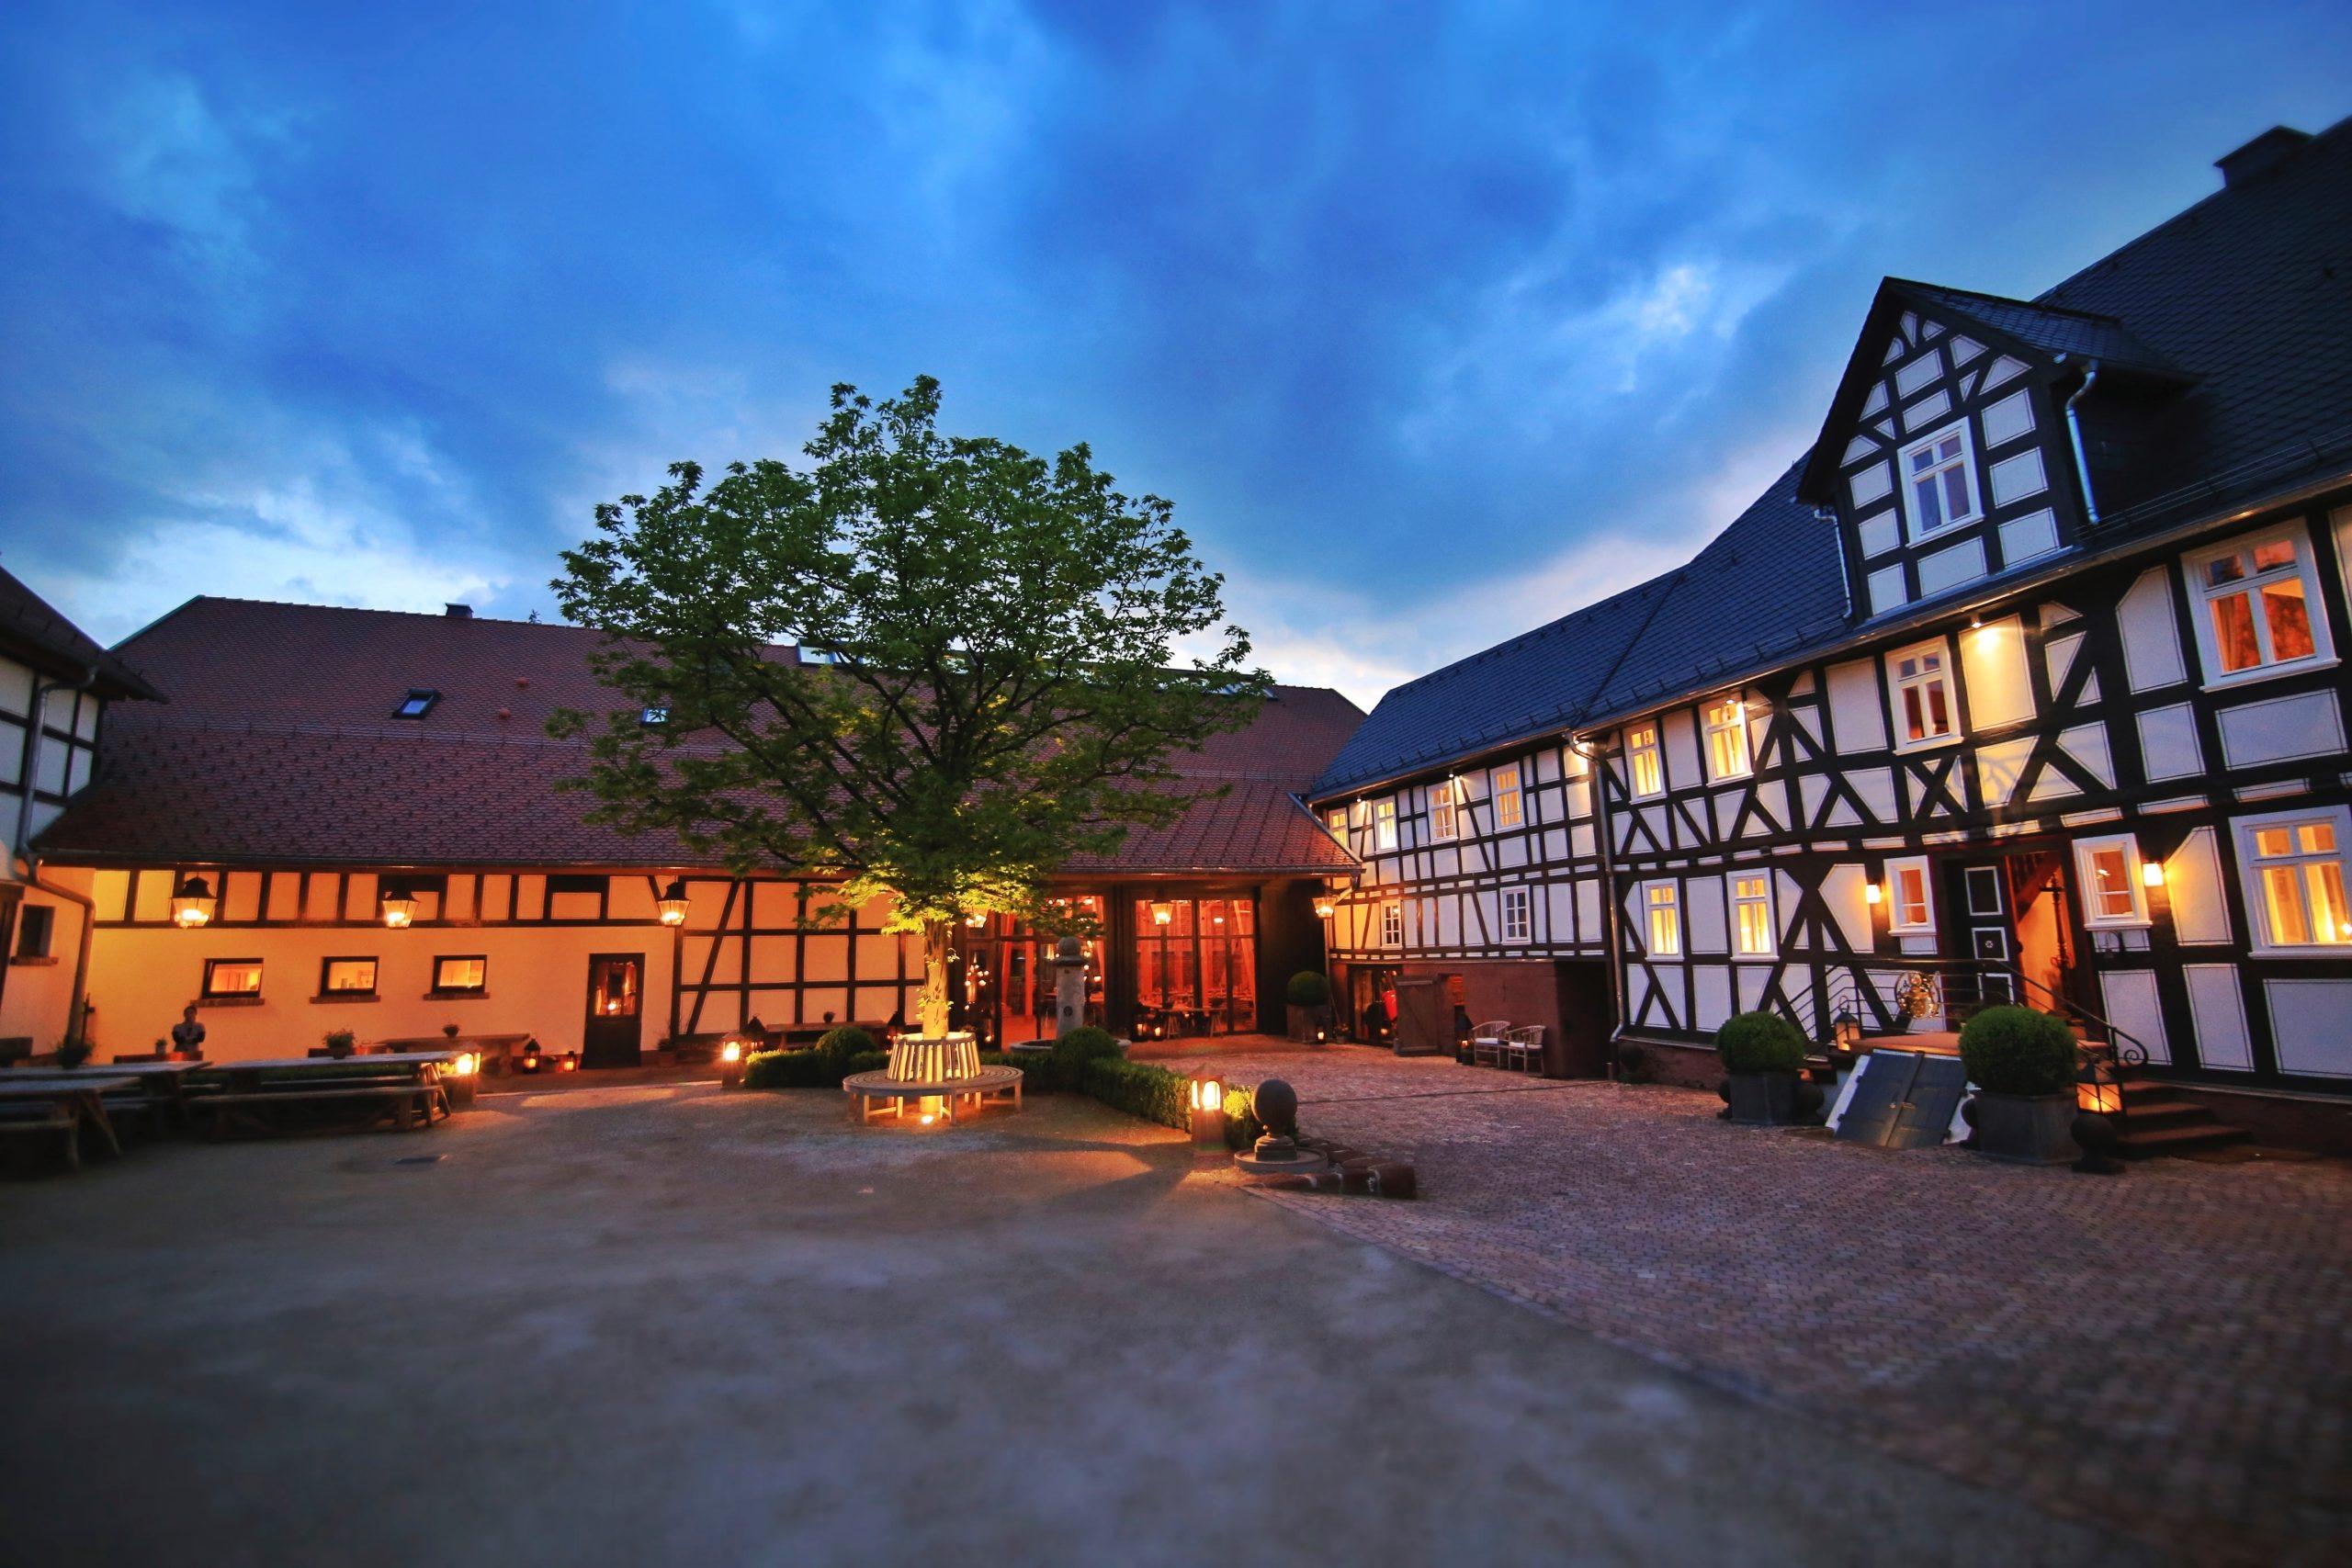 Hochzeitslocation in Marburg - Hofgut Dagobertshausen